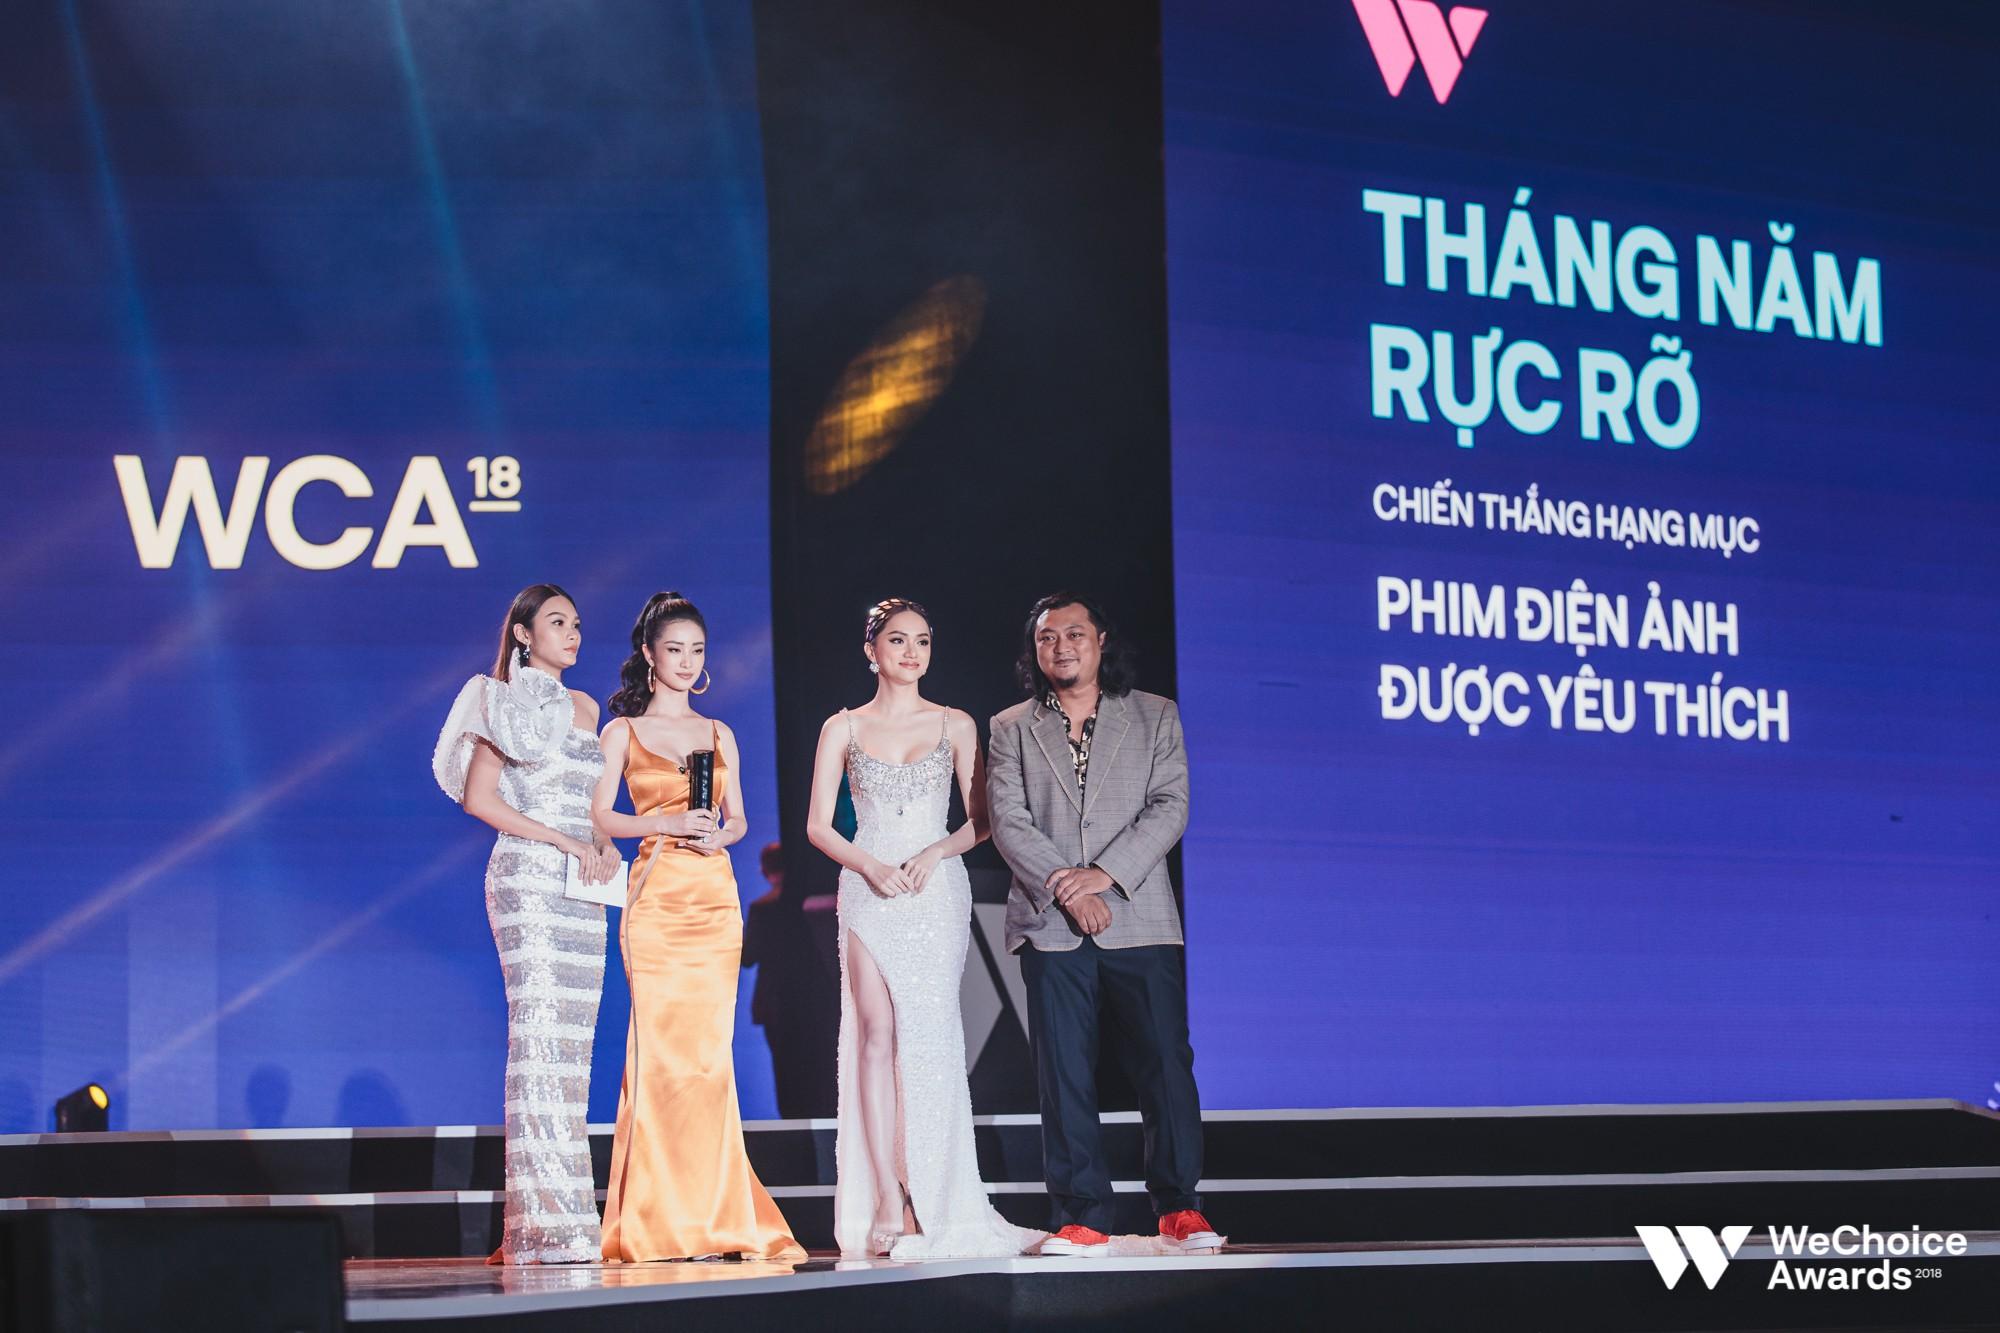 Ba hạng mục danh giá dành cho phim Việt đã tìm ra chủ nhân tại đêm trao giải WeChoice Awards 2018 - Ảnh 3.